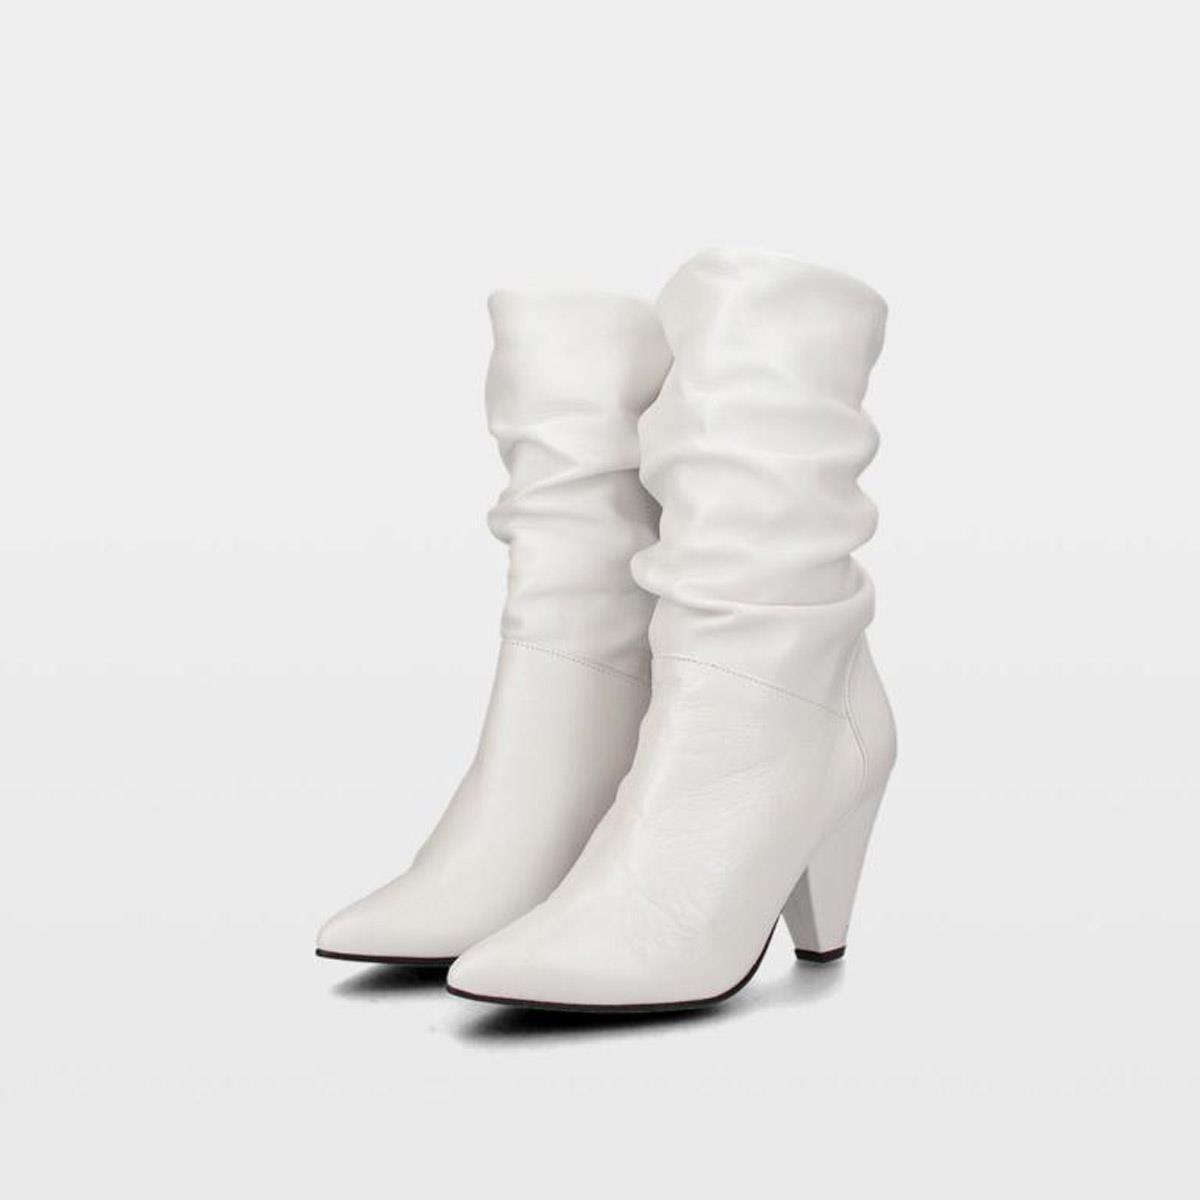 Botas altas de mujer: las más de moda del 2019 InStyle